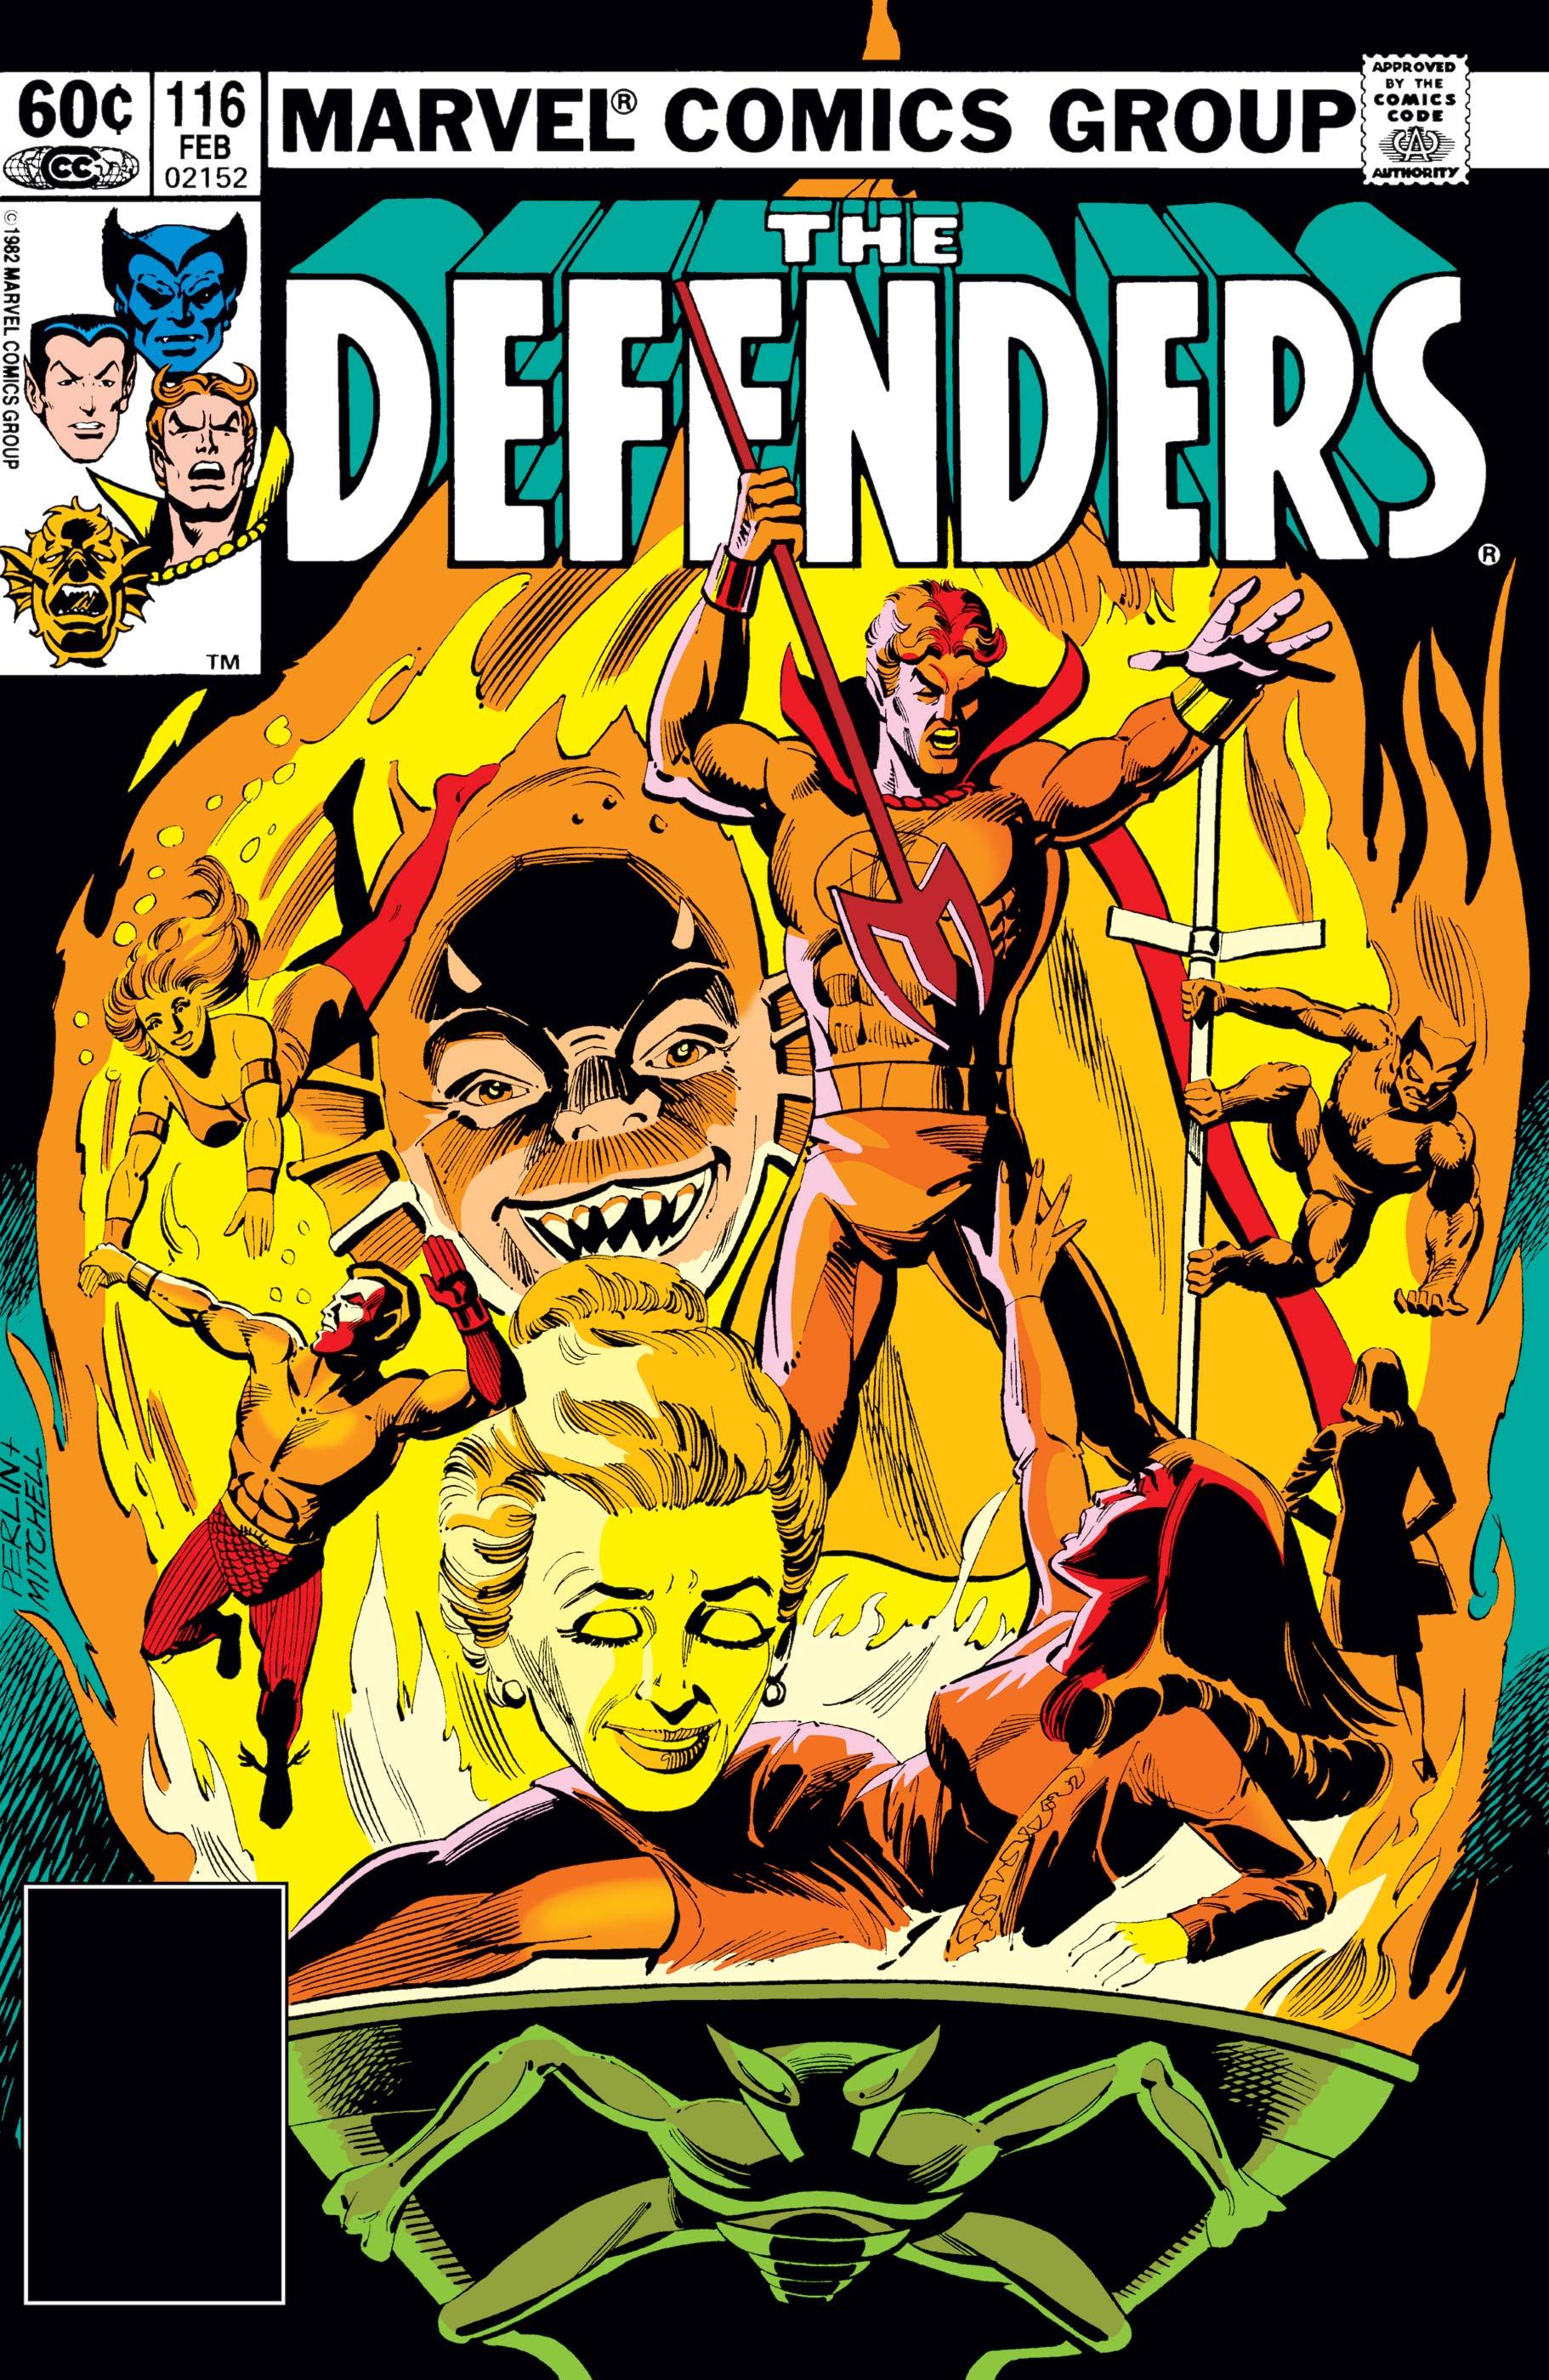 Defenders (1972) #116